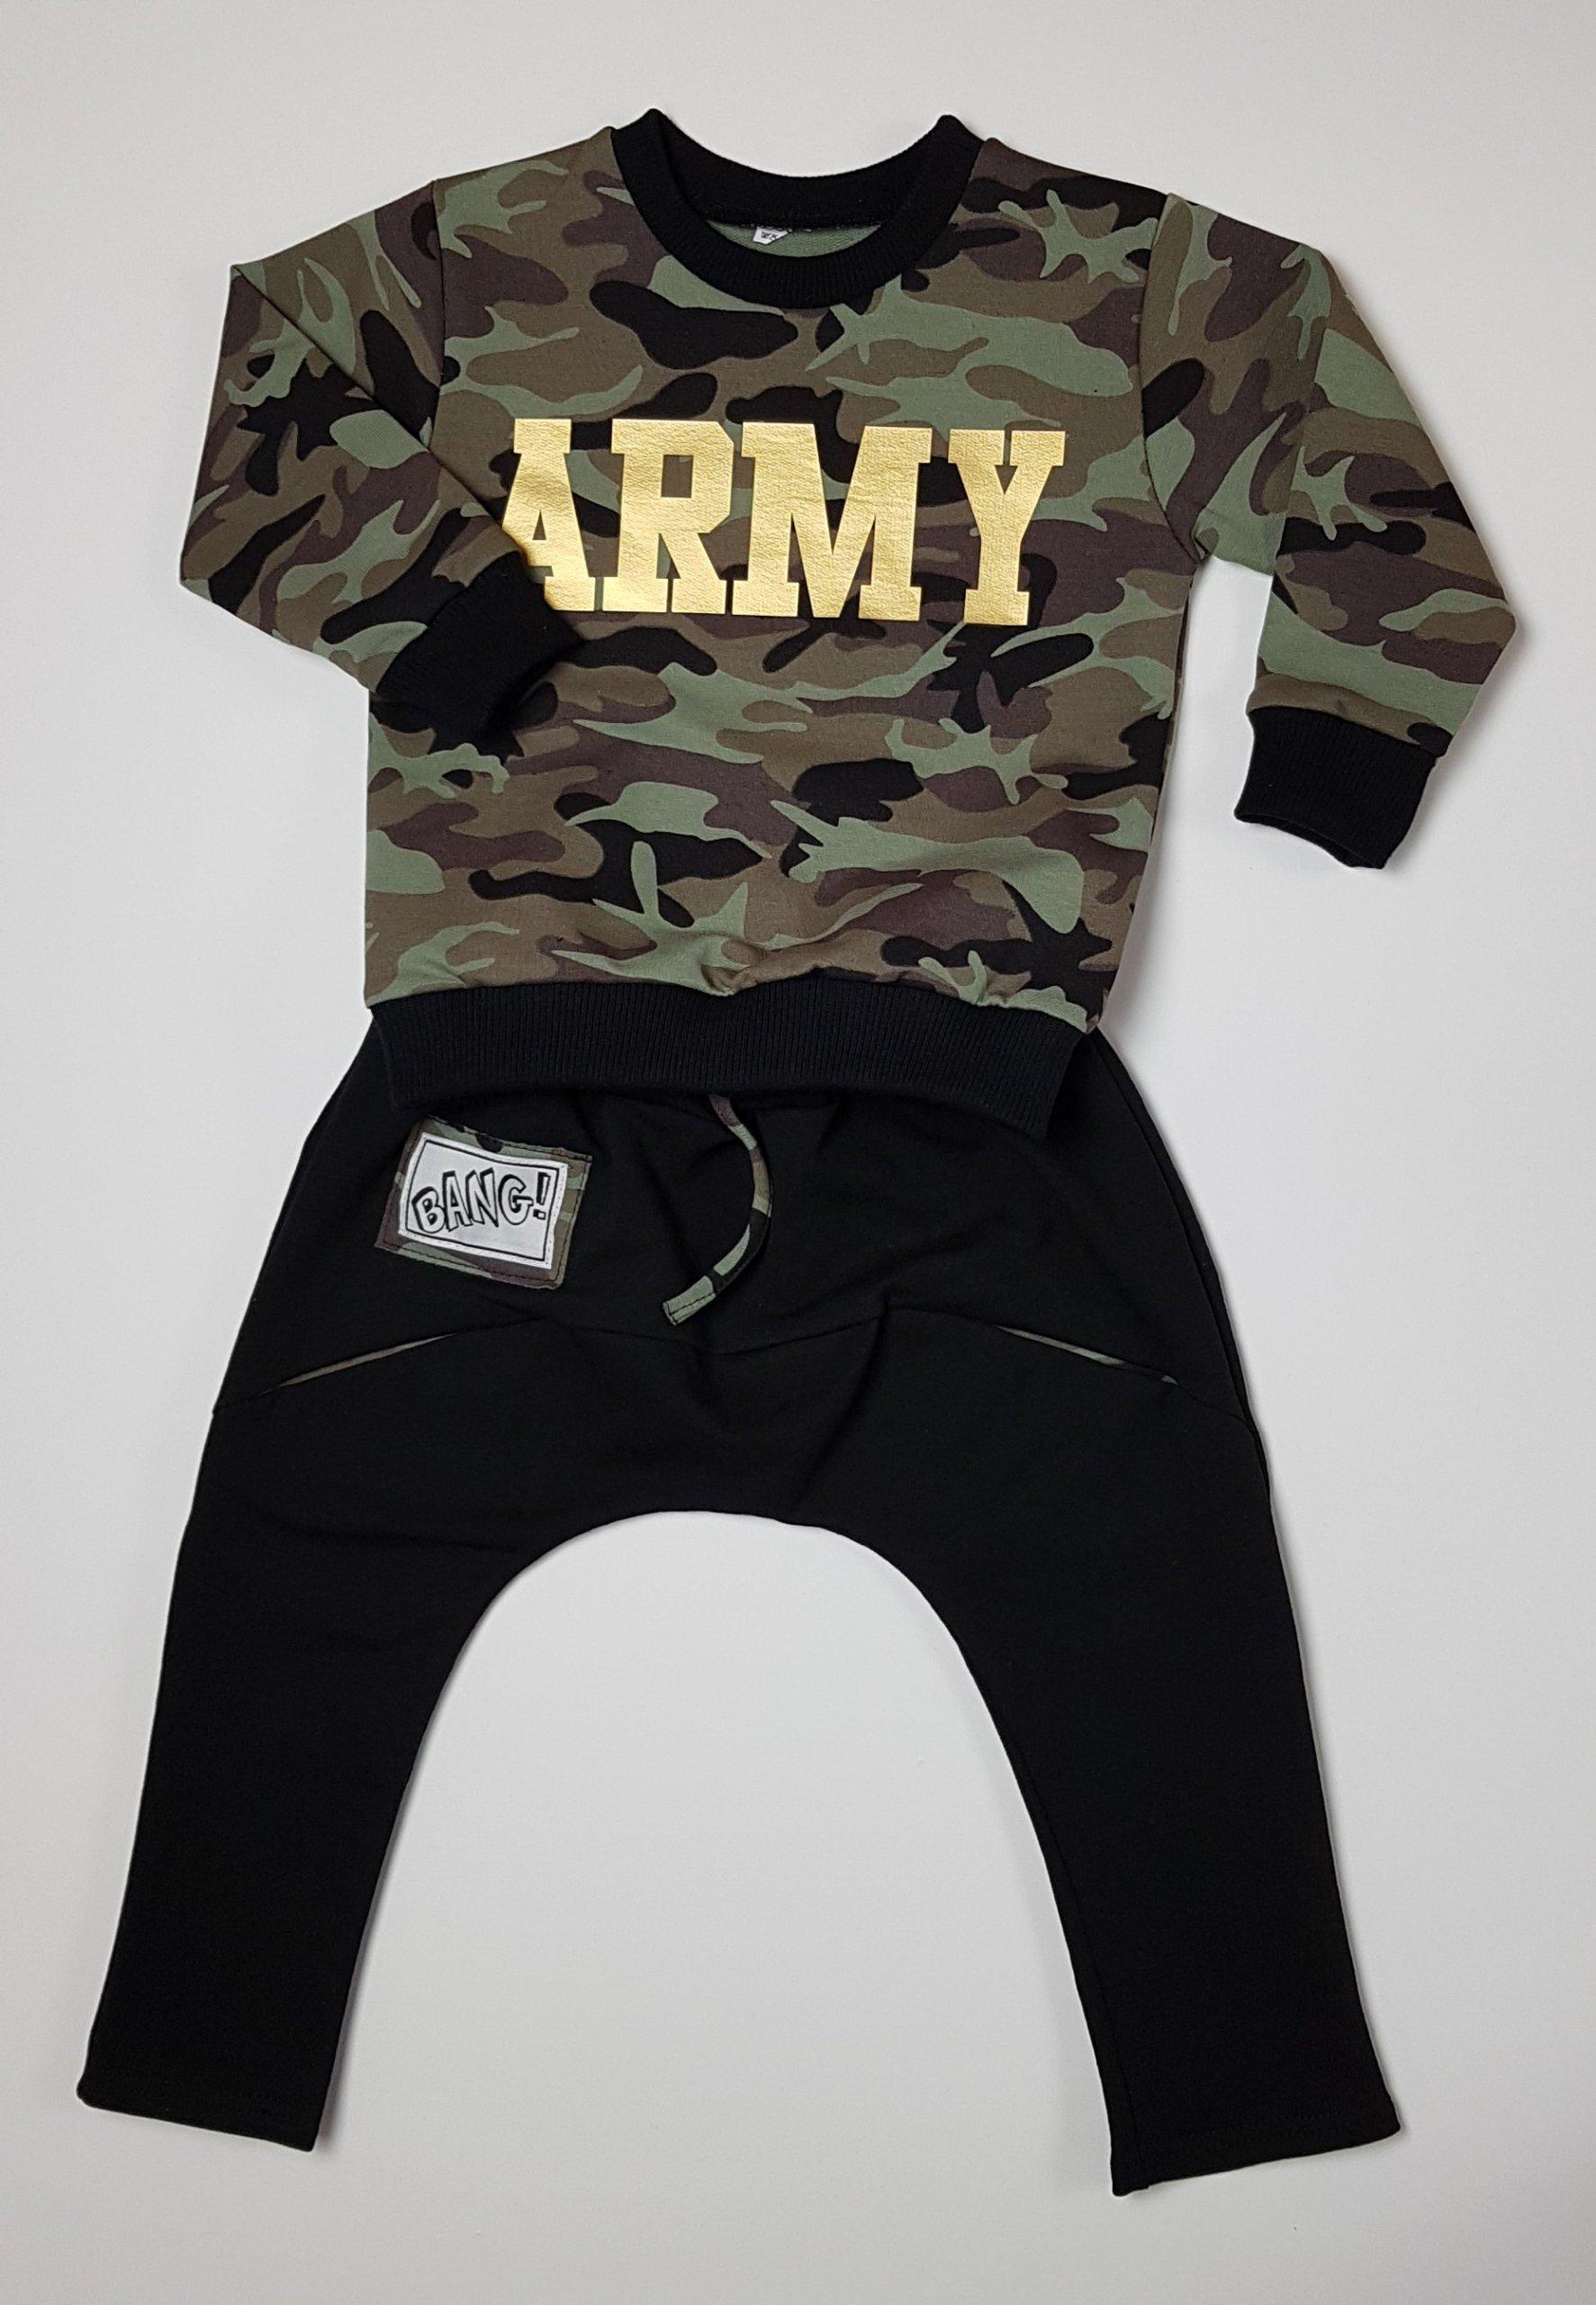 c880dd170 Komplet chłopięcy ARMY moro spodnie+bluza roz 92 - 7257208533 ...